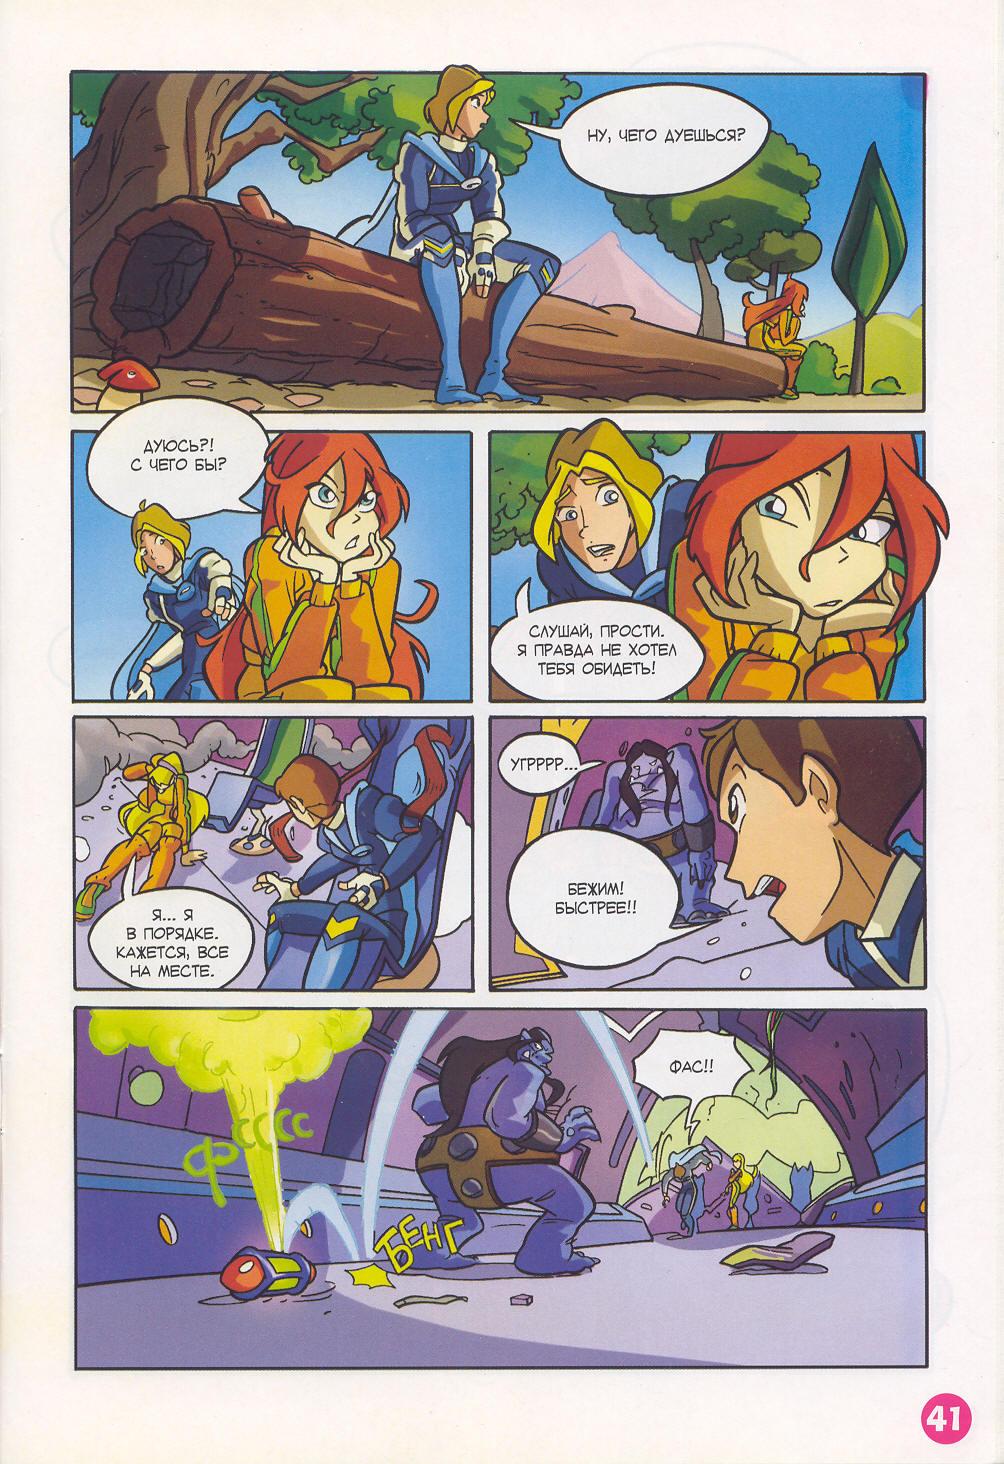 Читать онлайн комиксы 9 фотография